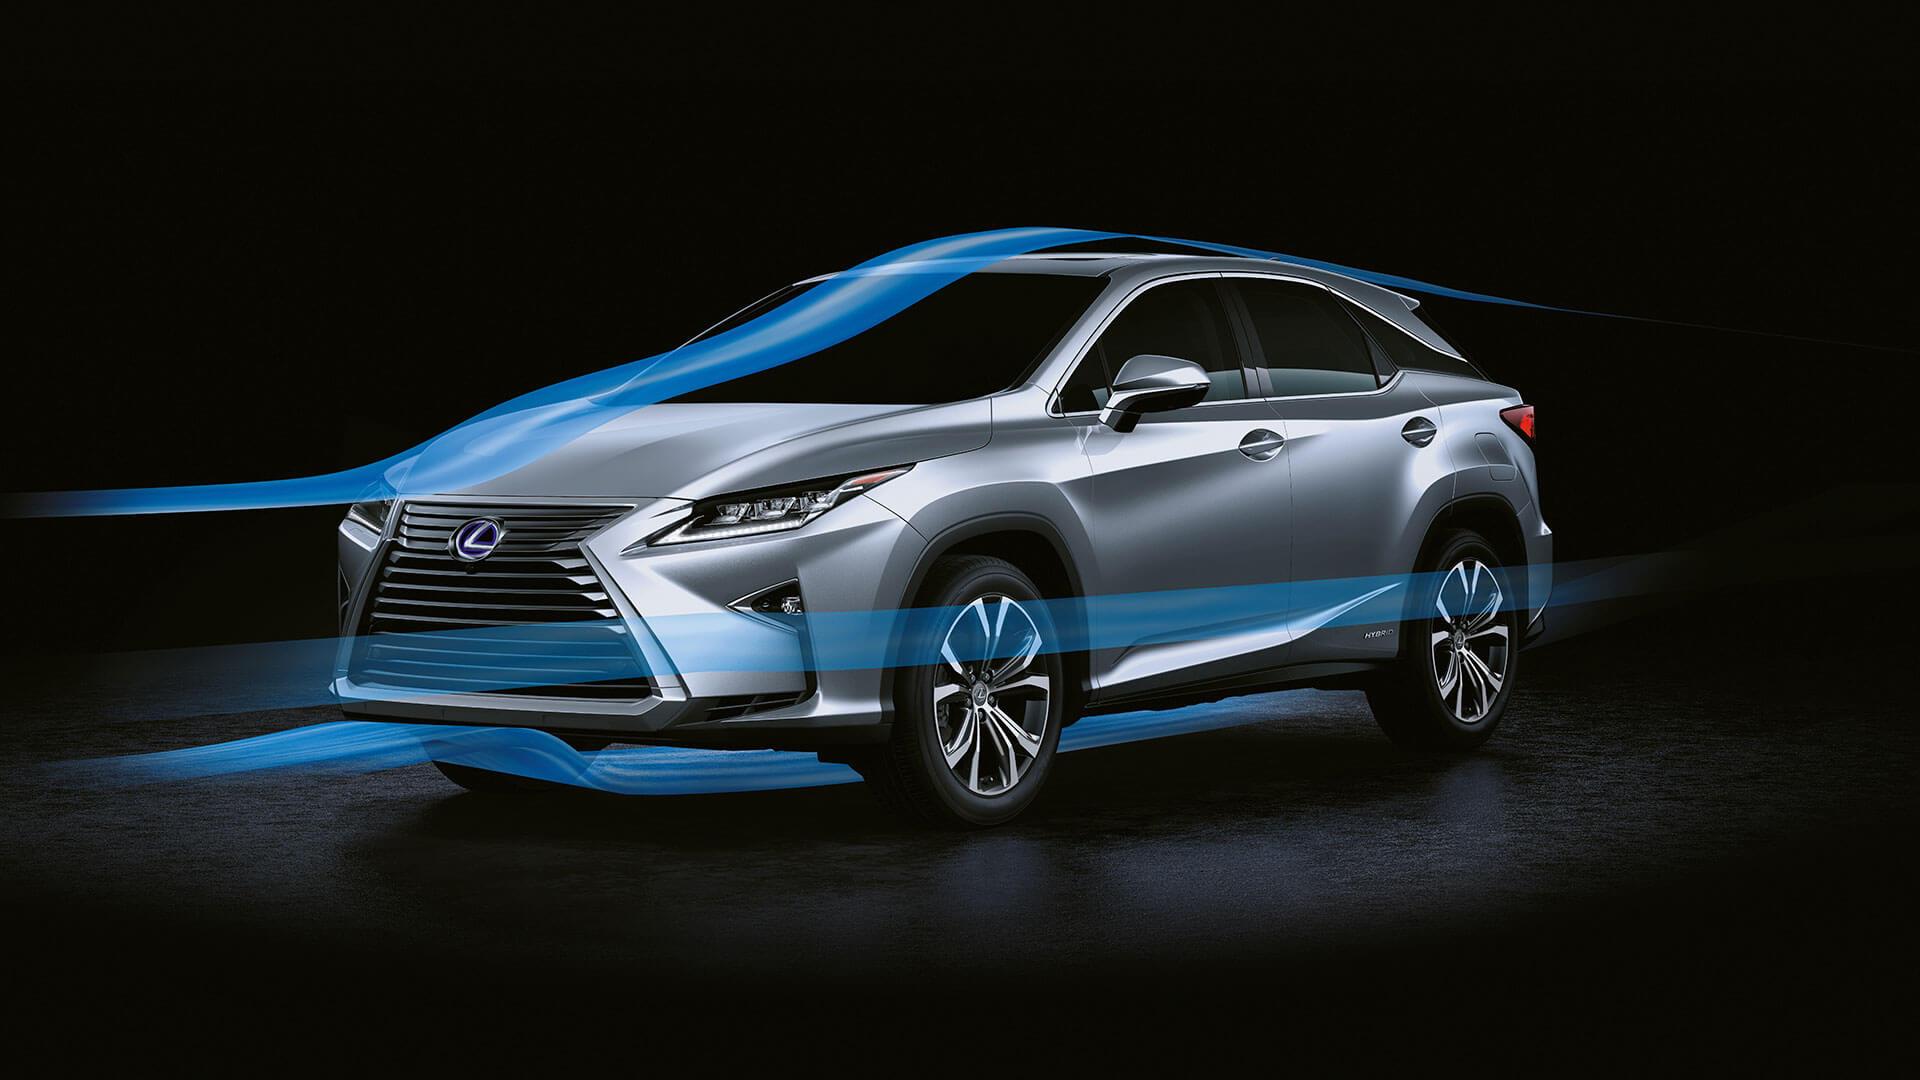 2017 lexus rx 450h features advanced aerodynamics